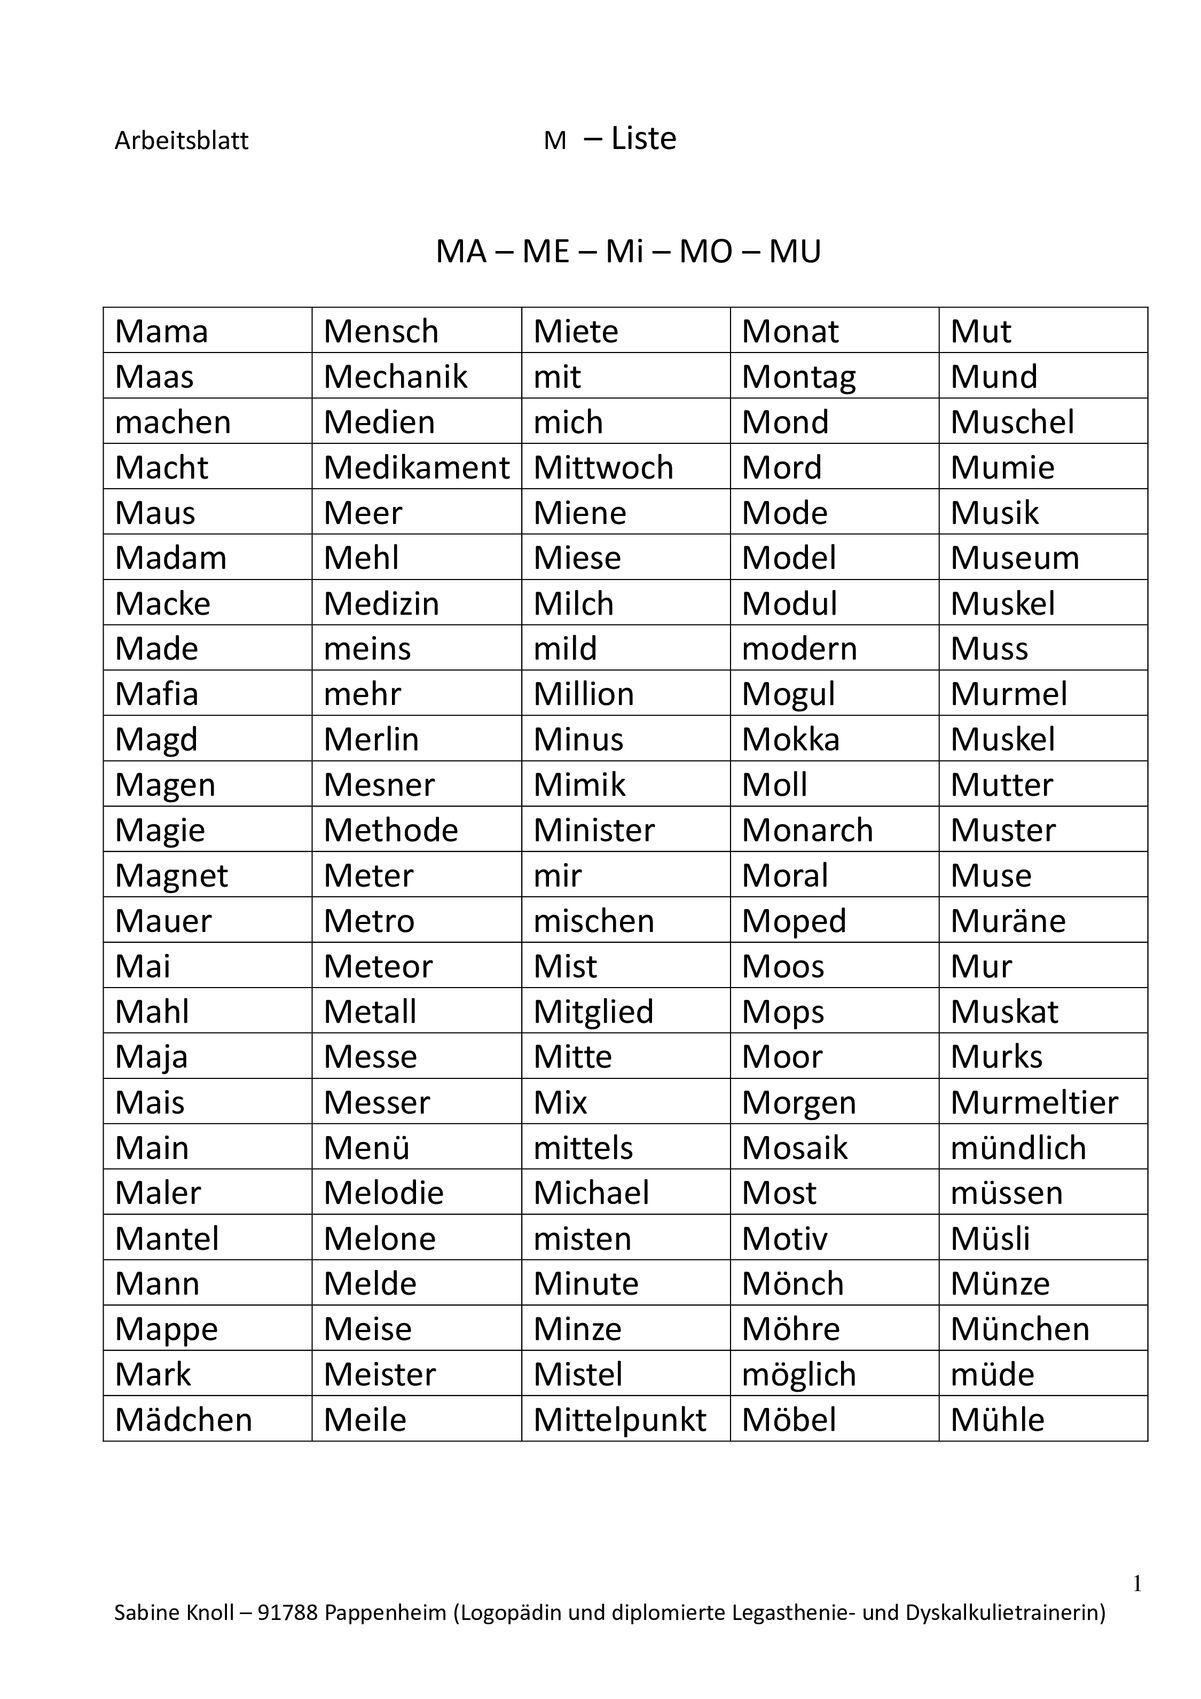 M Wortliste Artikulation Sprache Stimme Logopadie Lernen Tipps Schule Aktivierung Senioren